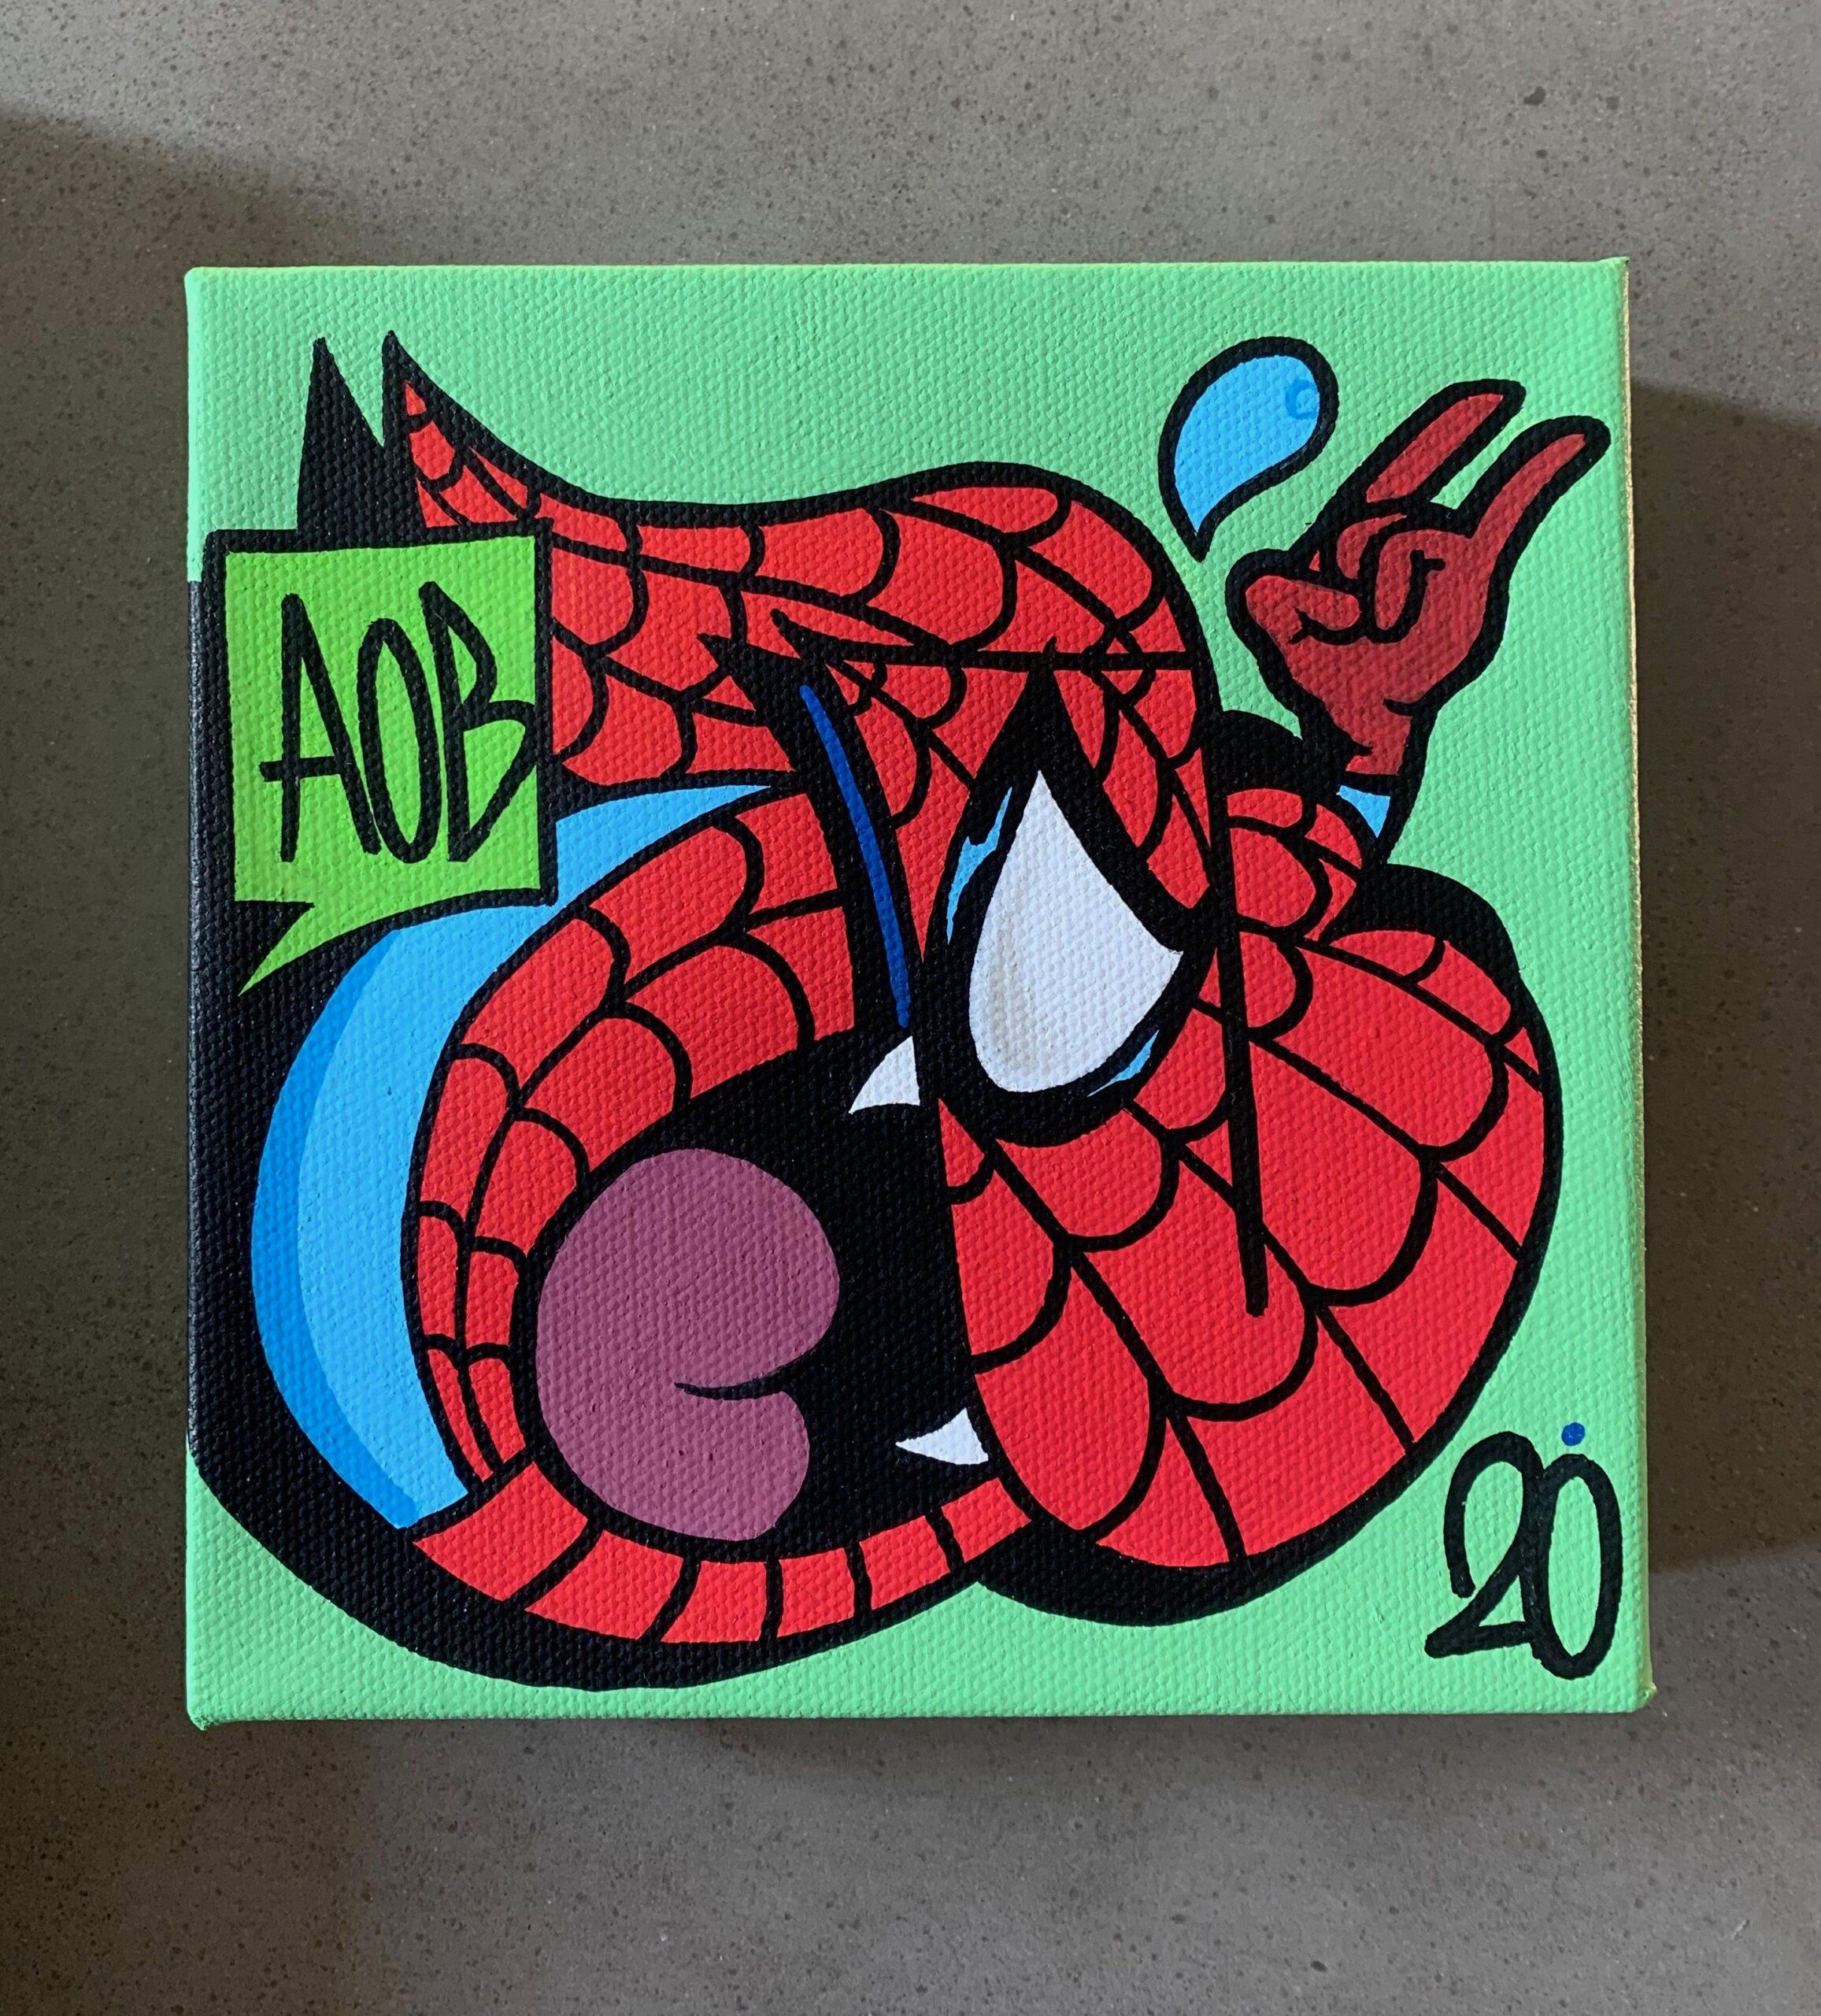 Nover Spider-Man Throwie Graffiti Canvas, 2020.